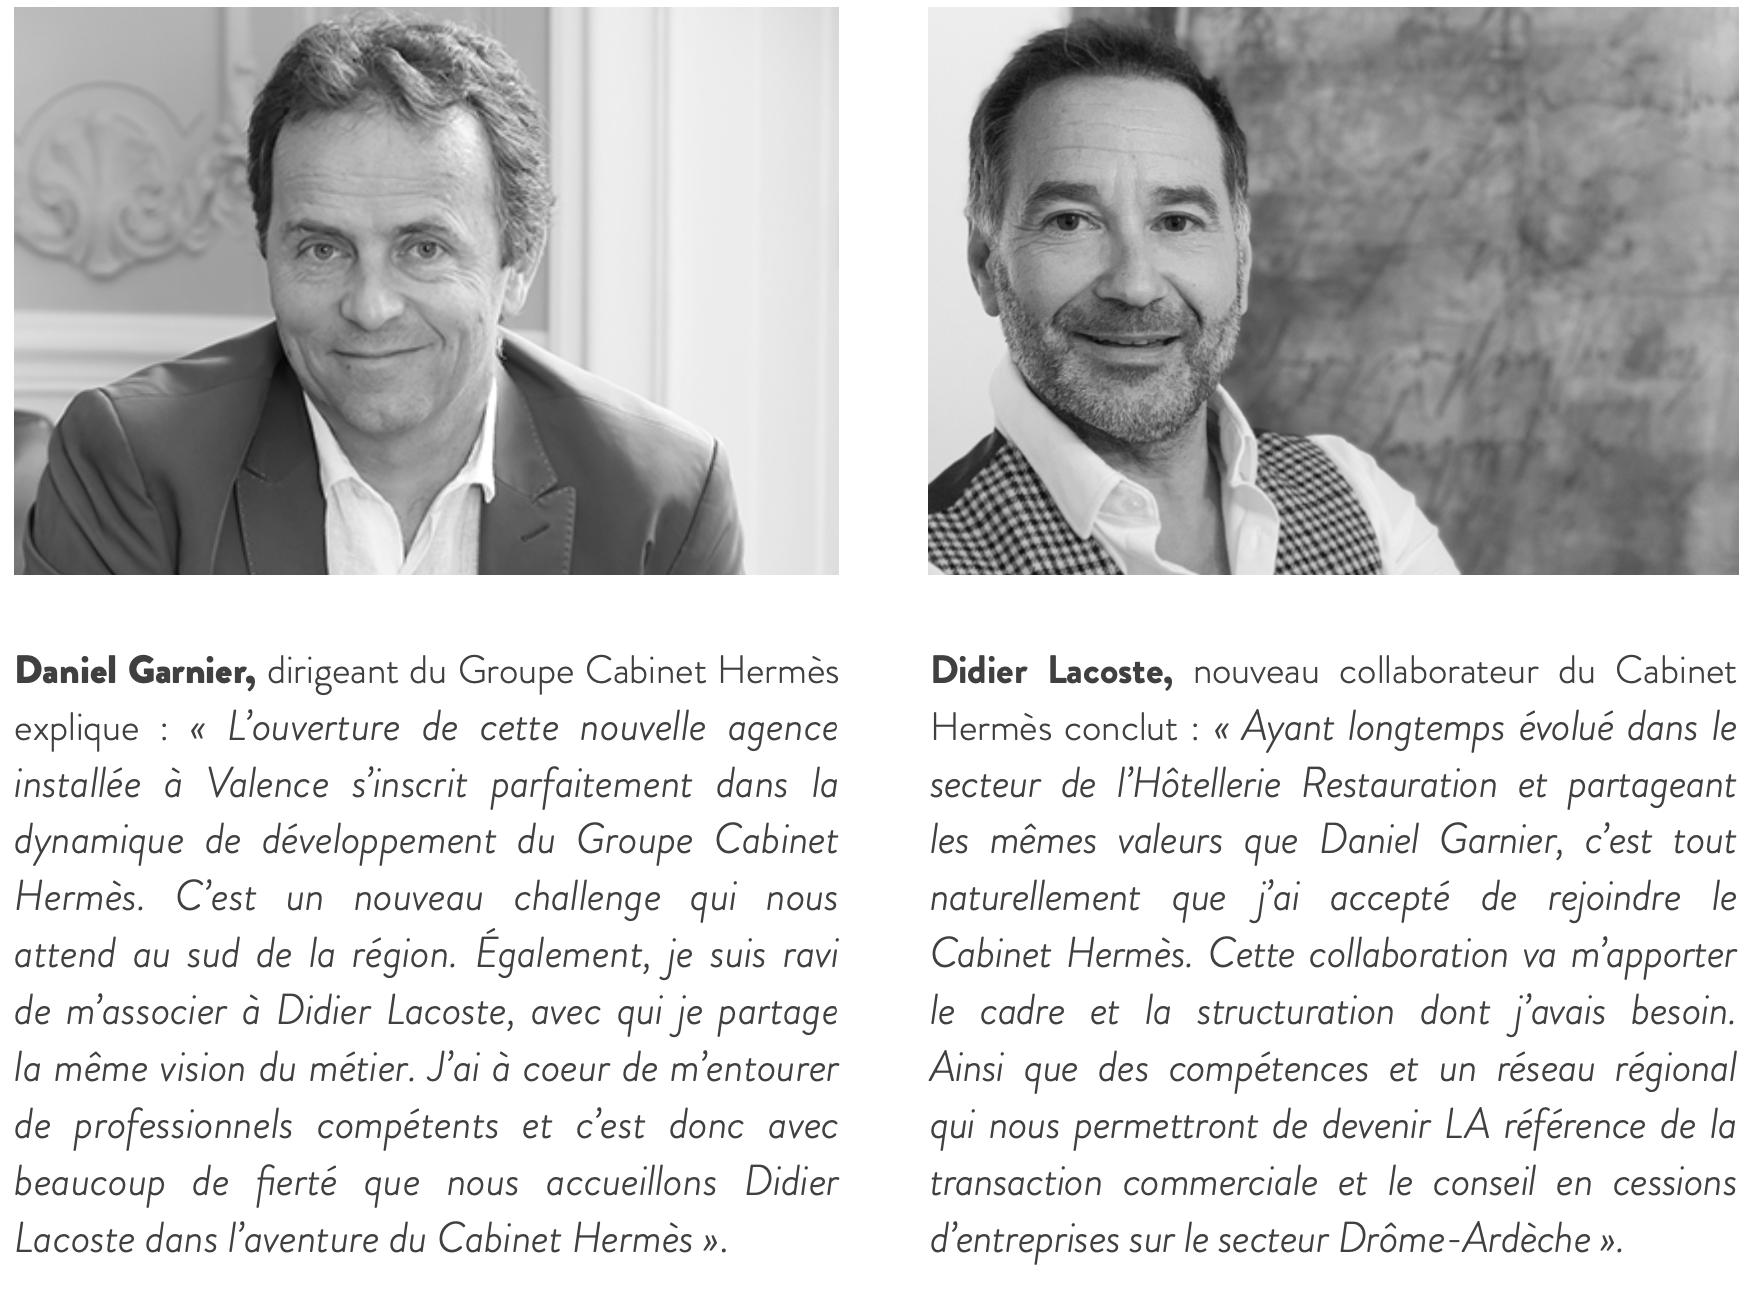 Daniel Garnier et Didier Lacoste